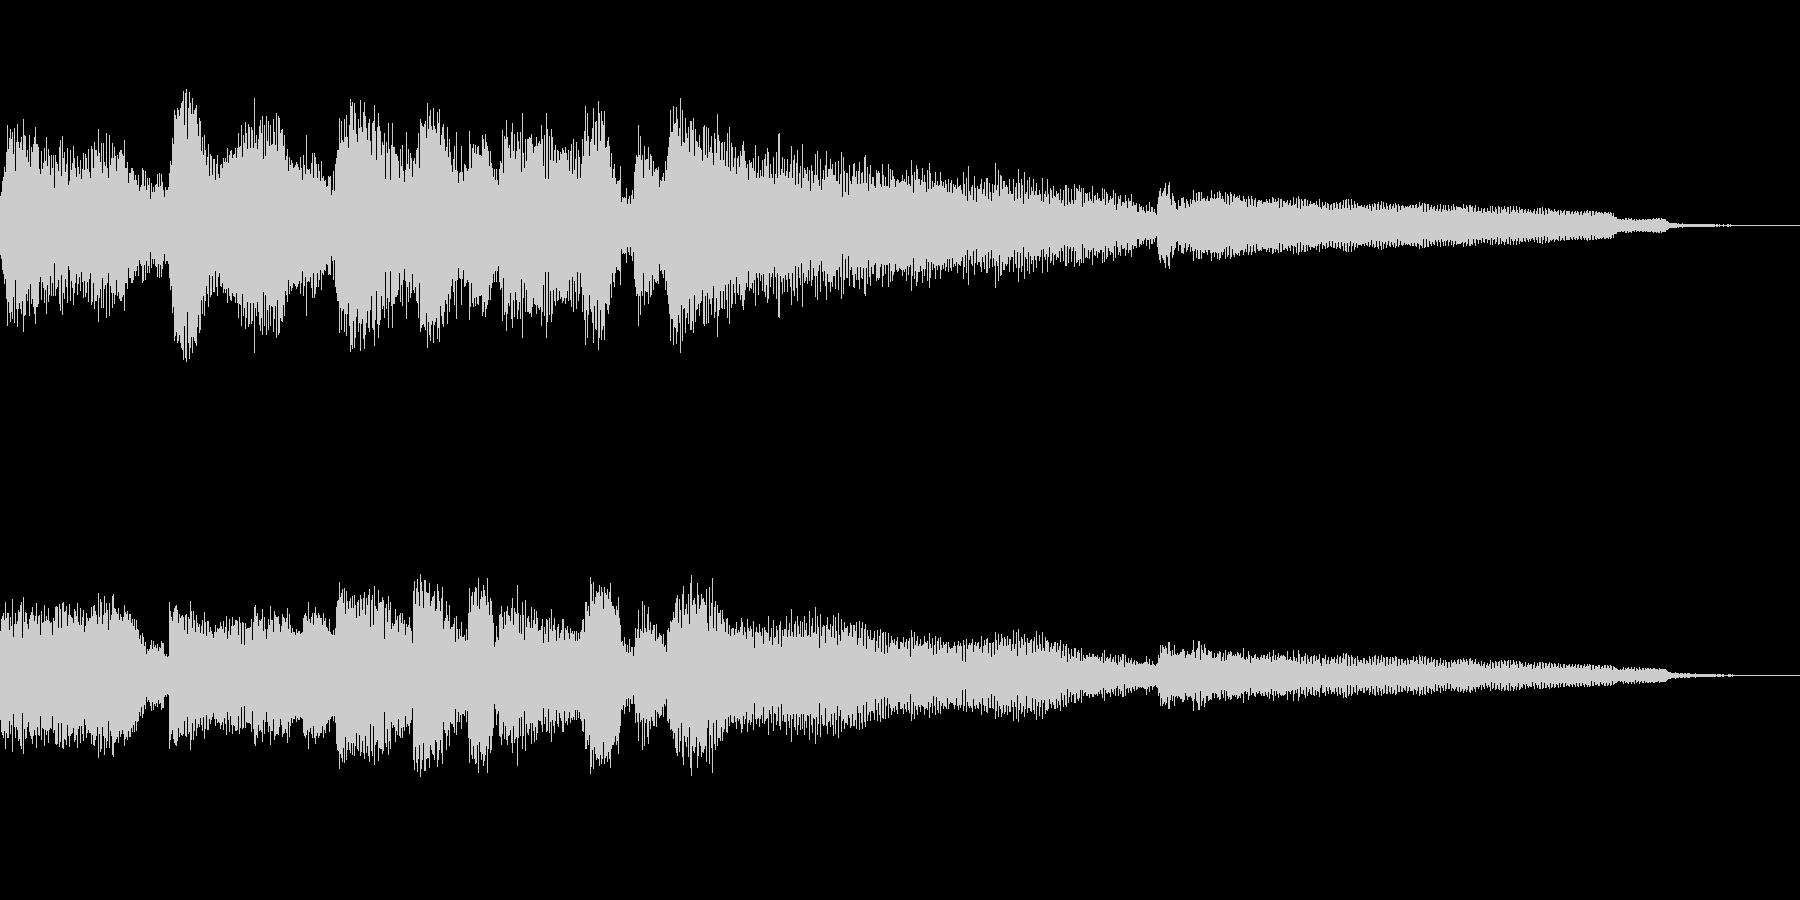 【10秒強】ジャズギターのコードとソロの未再生の波形